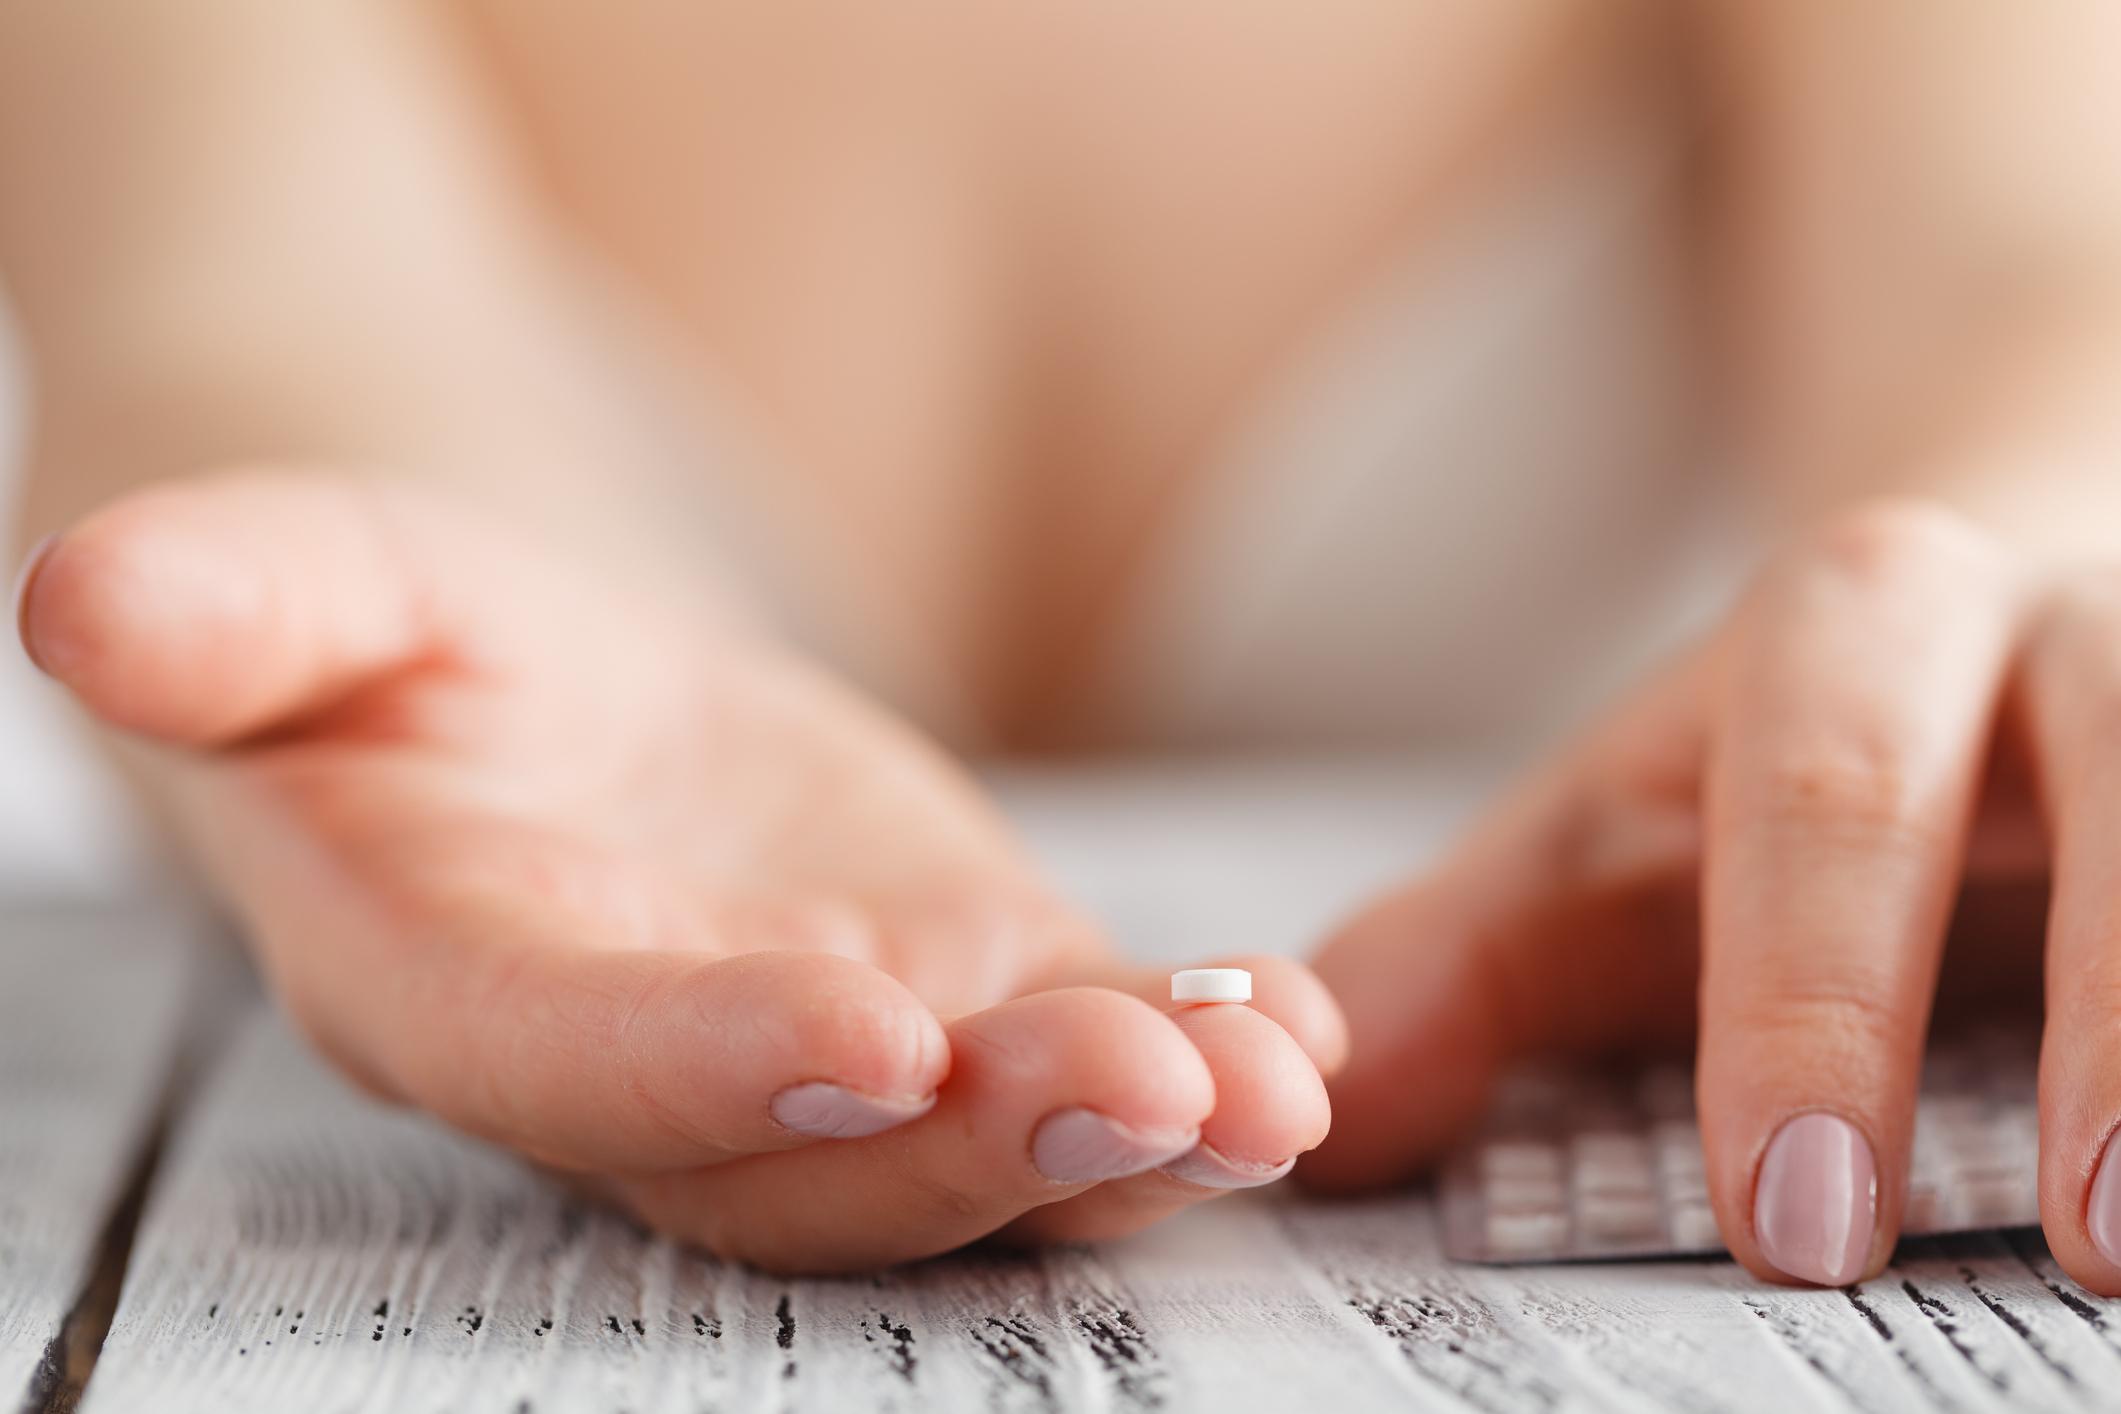 A pílula anticoncepcional ainda gera muitas dúvidas do público feminino. Veja os mitos e verdades sobre um dos métodos contraceptivos mais utilizados.